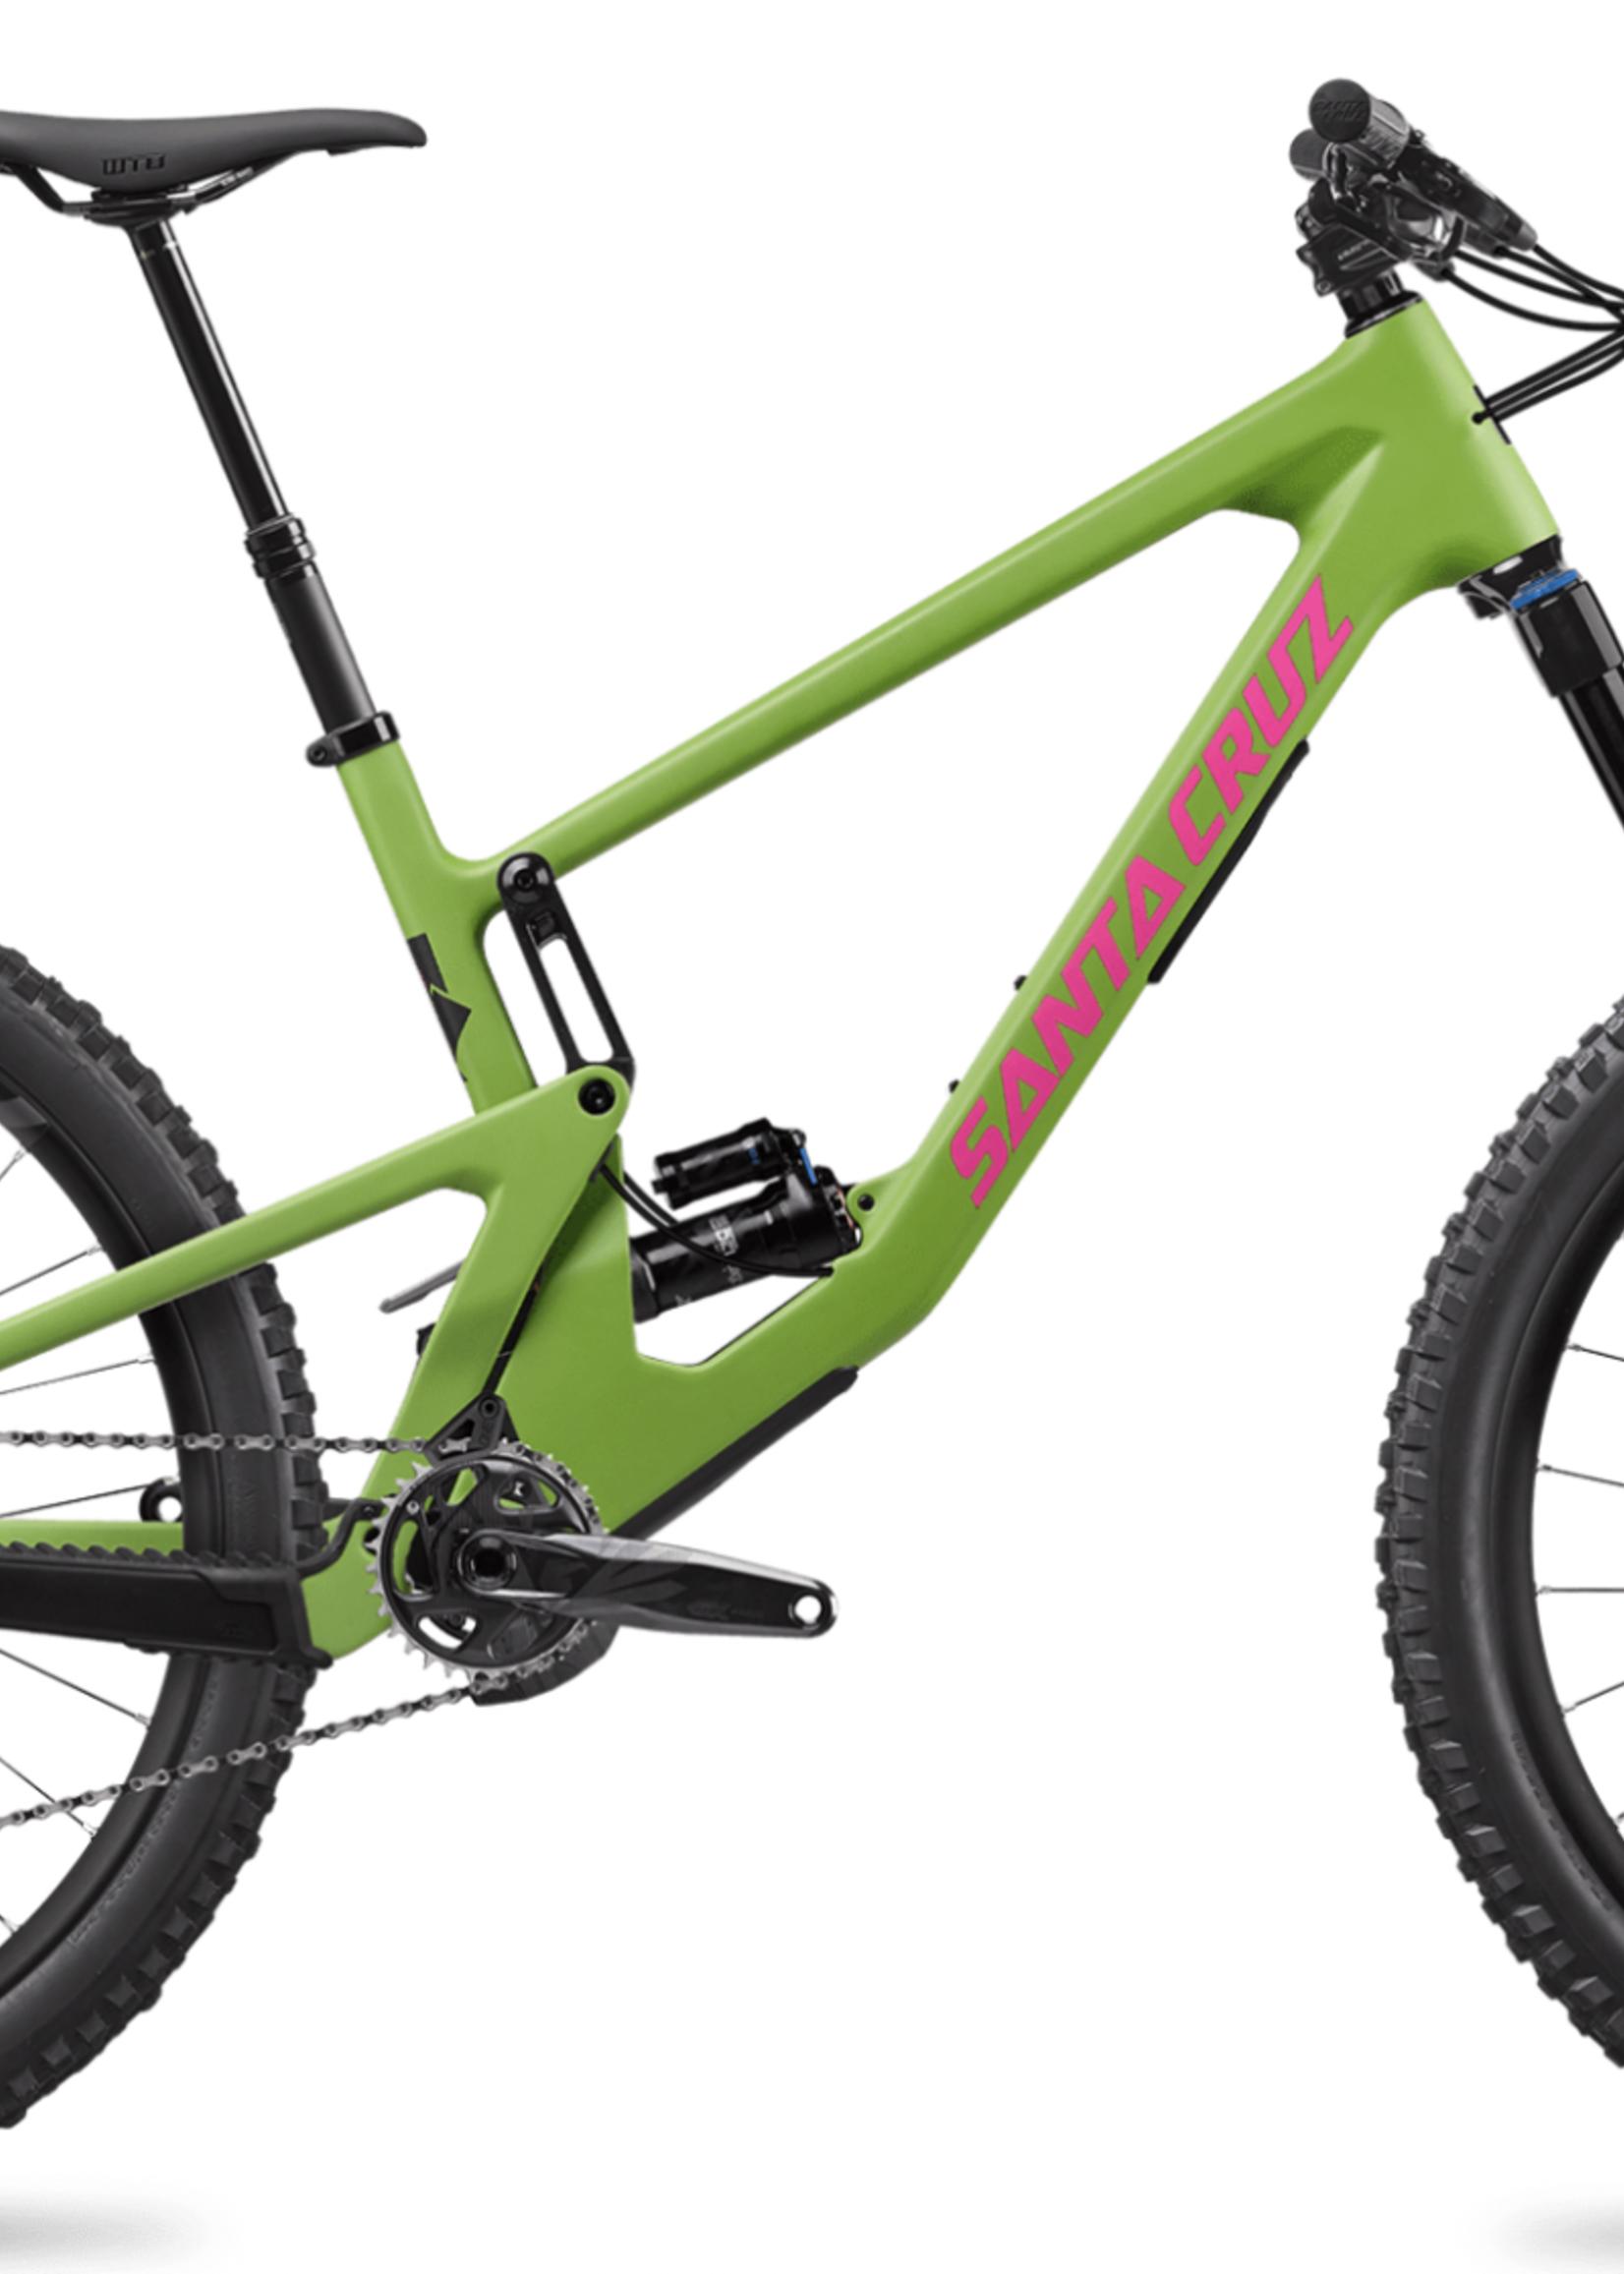 Santa Cruz Santa Cruz '21  Nomad 5    R Kit   27.5  Mountain Bike - Green - XL